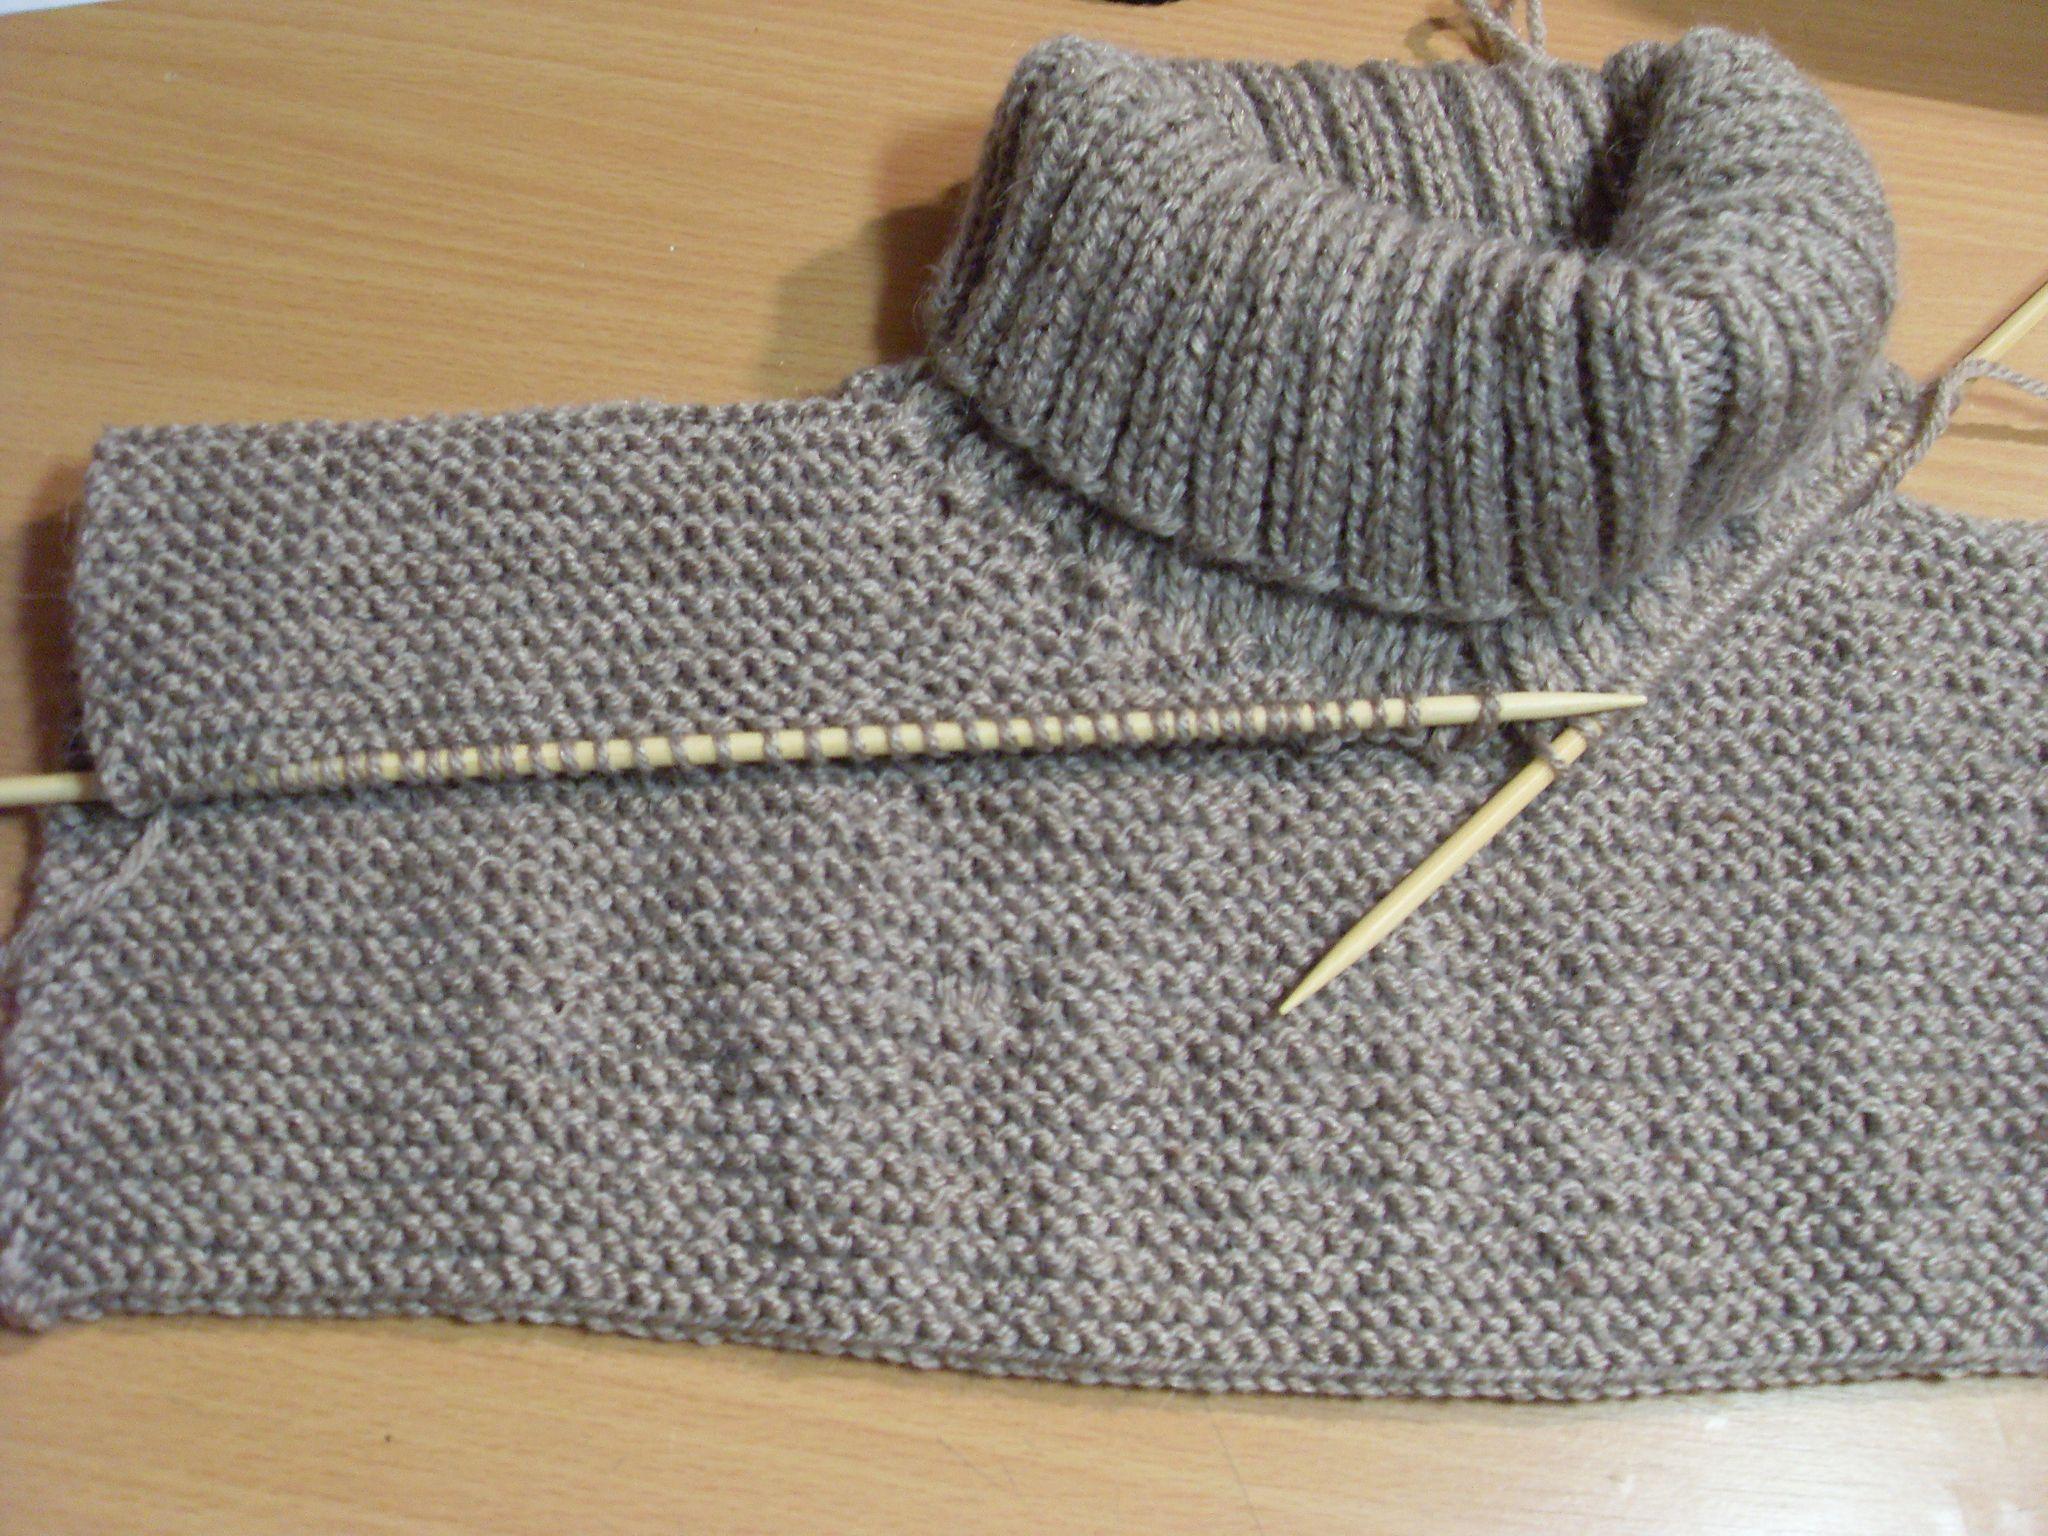 Connu TUTO Méga COL tricoté : un snood géant !!! Stéphanie bricole  SL07